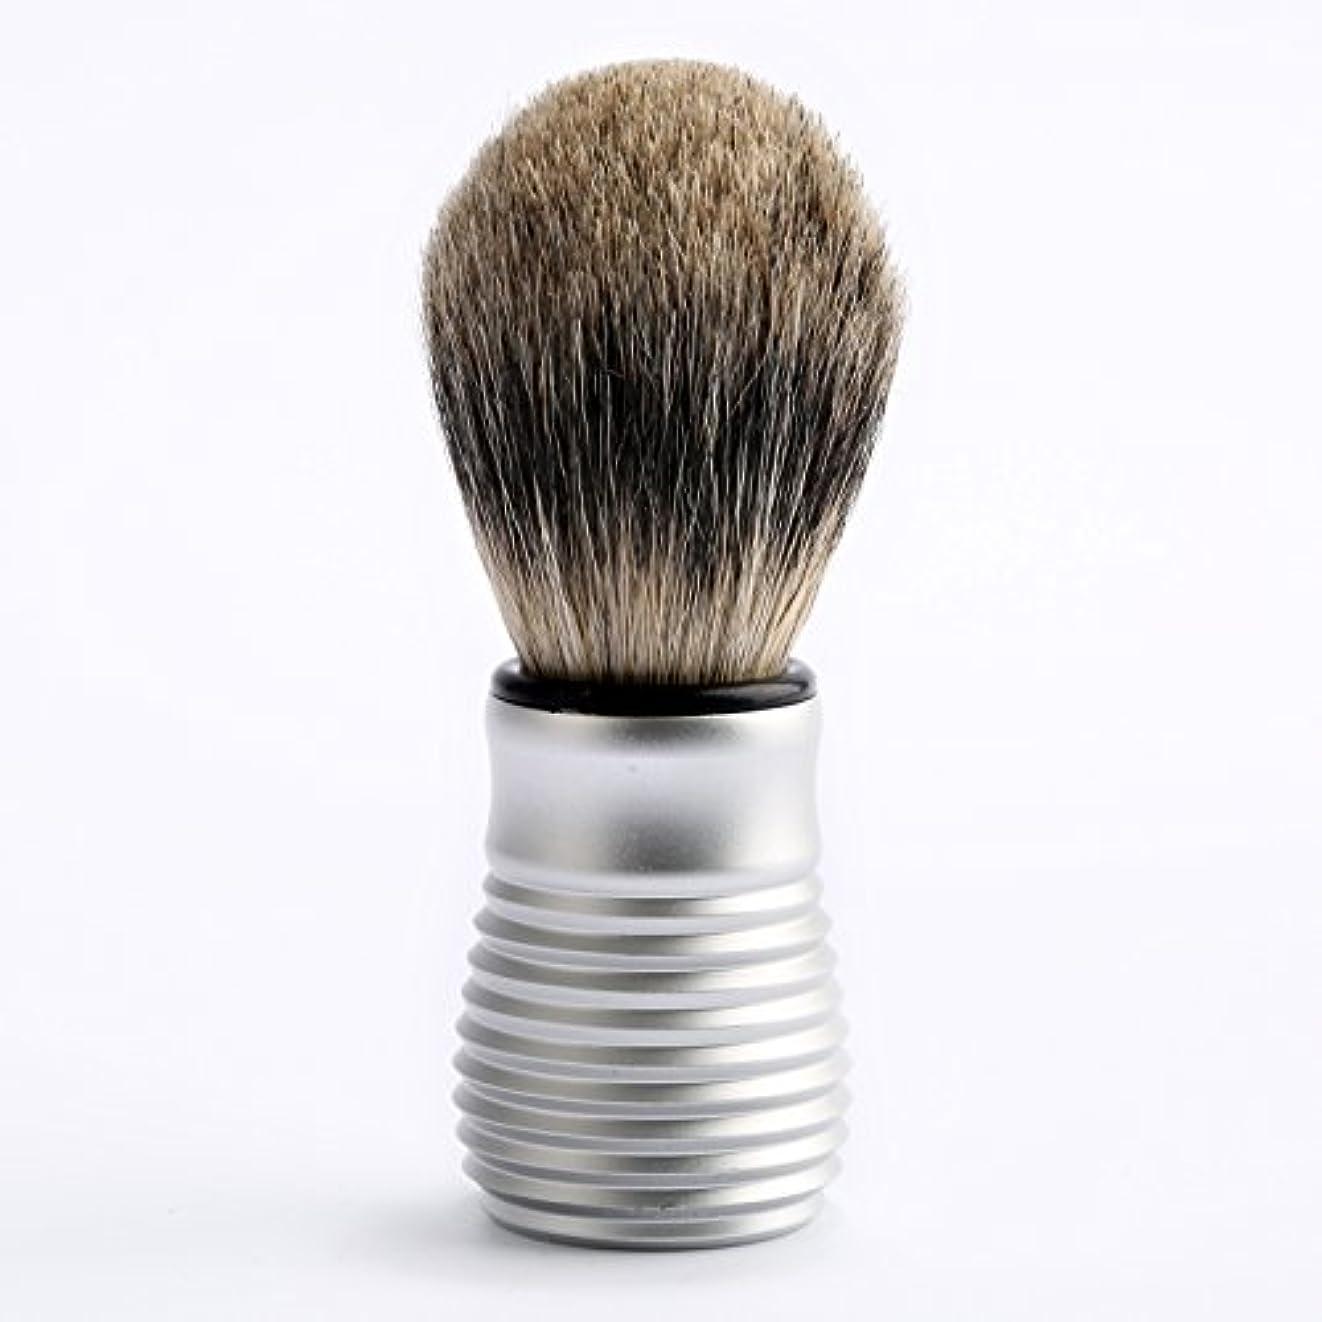 測定ダイヤモンド空のひげブラシ メンズ用 髭剃り ブラシ アナグマ毛シェービングブラシ ギフト 理容 洗顔 髭剃り 泡立ち アルミ製のハンドル シルバー